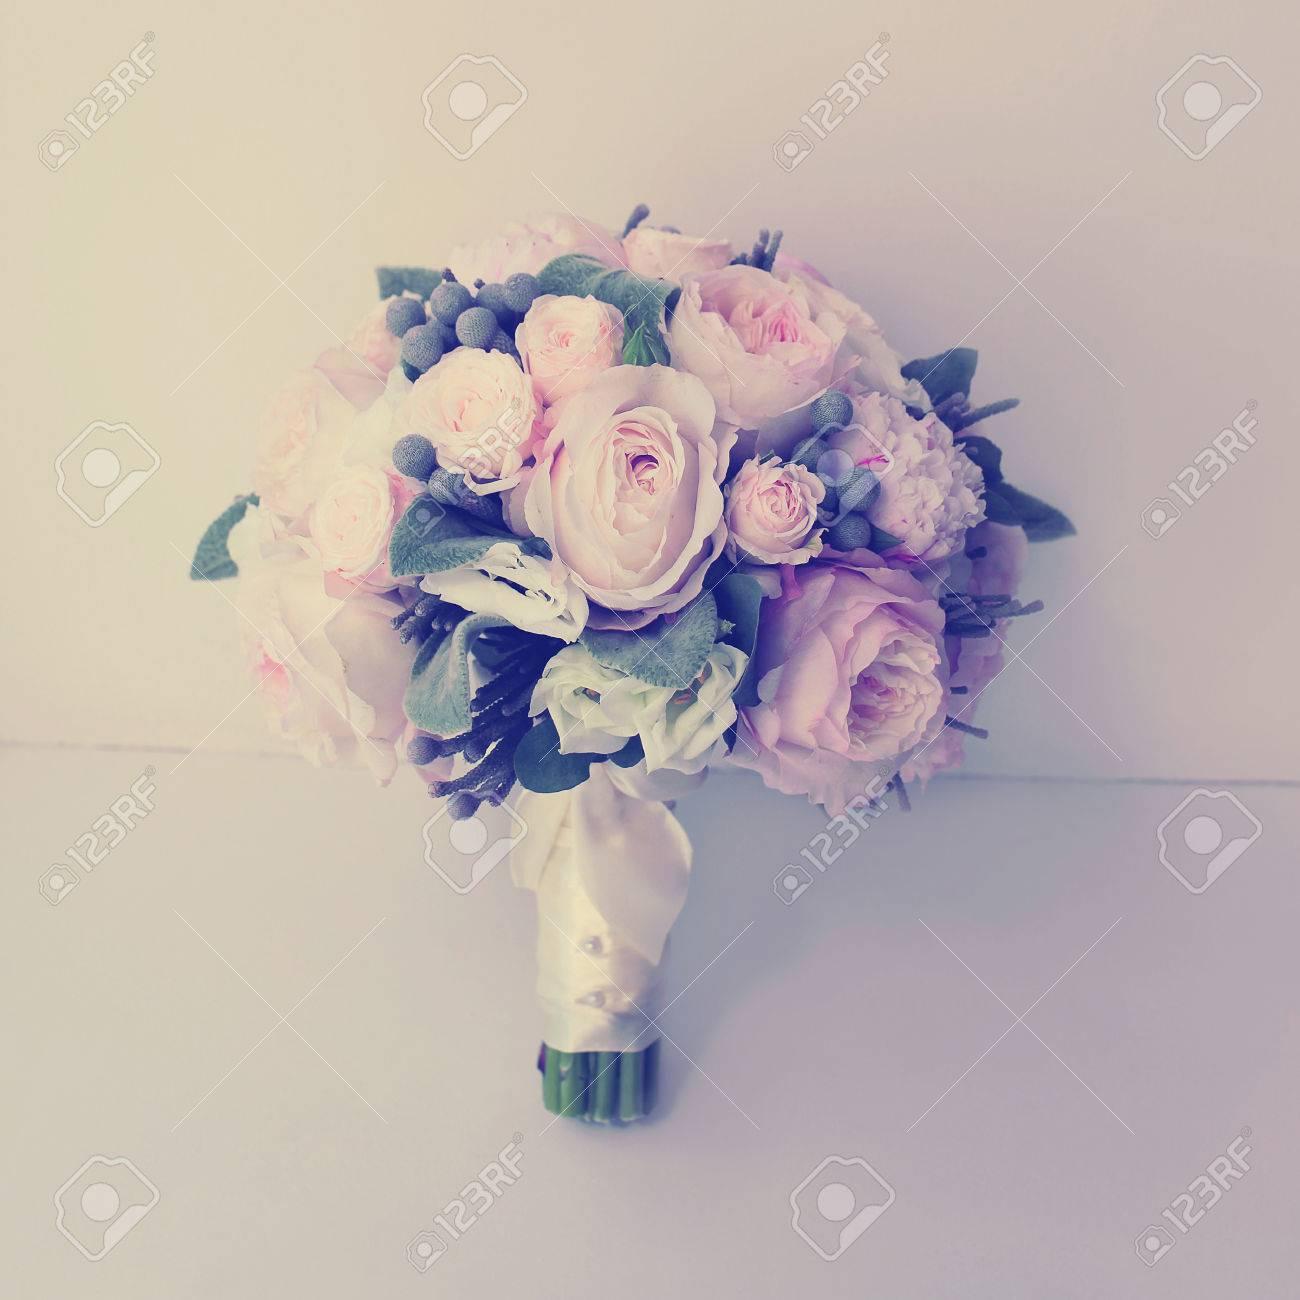 Vintage Sanften Hochzeitsblumenstrauss Weiche Pastellfarben